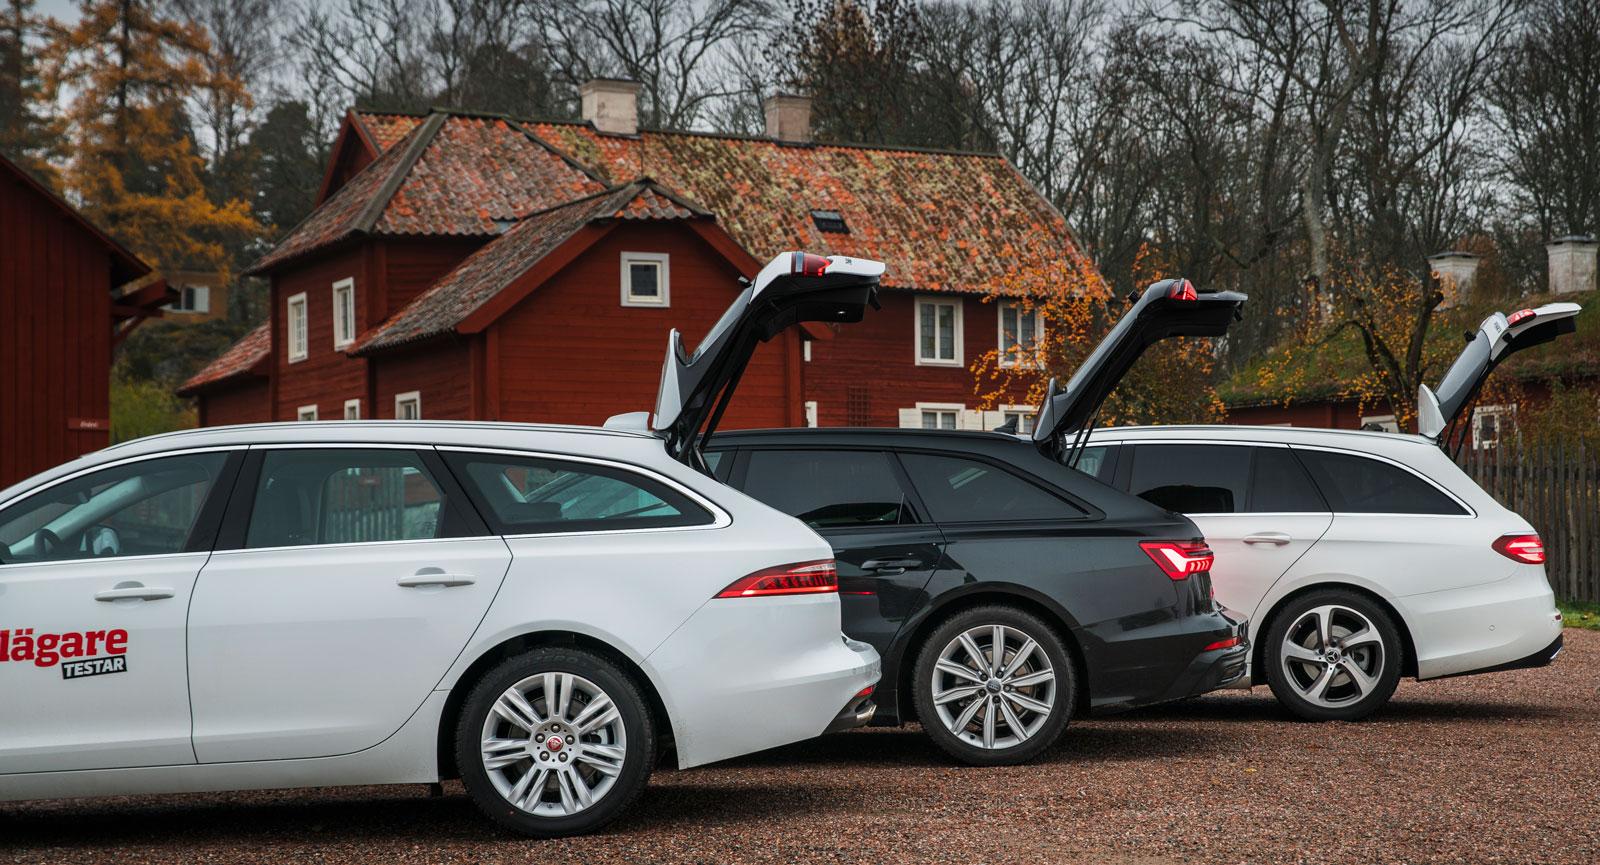 Gapelseberättelsen avslöjar att Mercedes-Benz sväljer mest last, Audi näst mest, Jaguar minst.